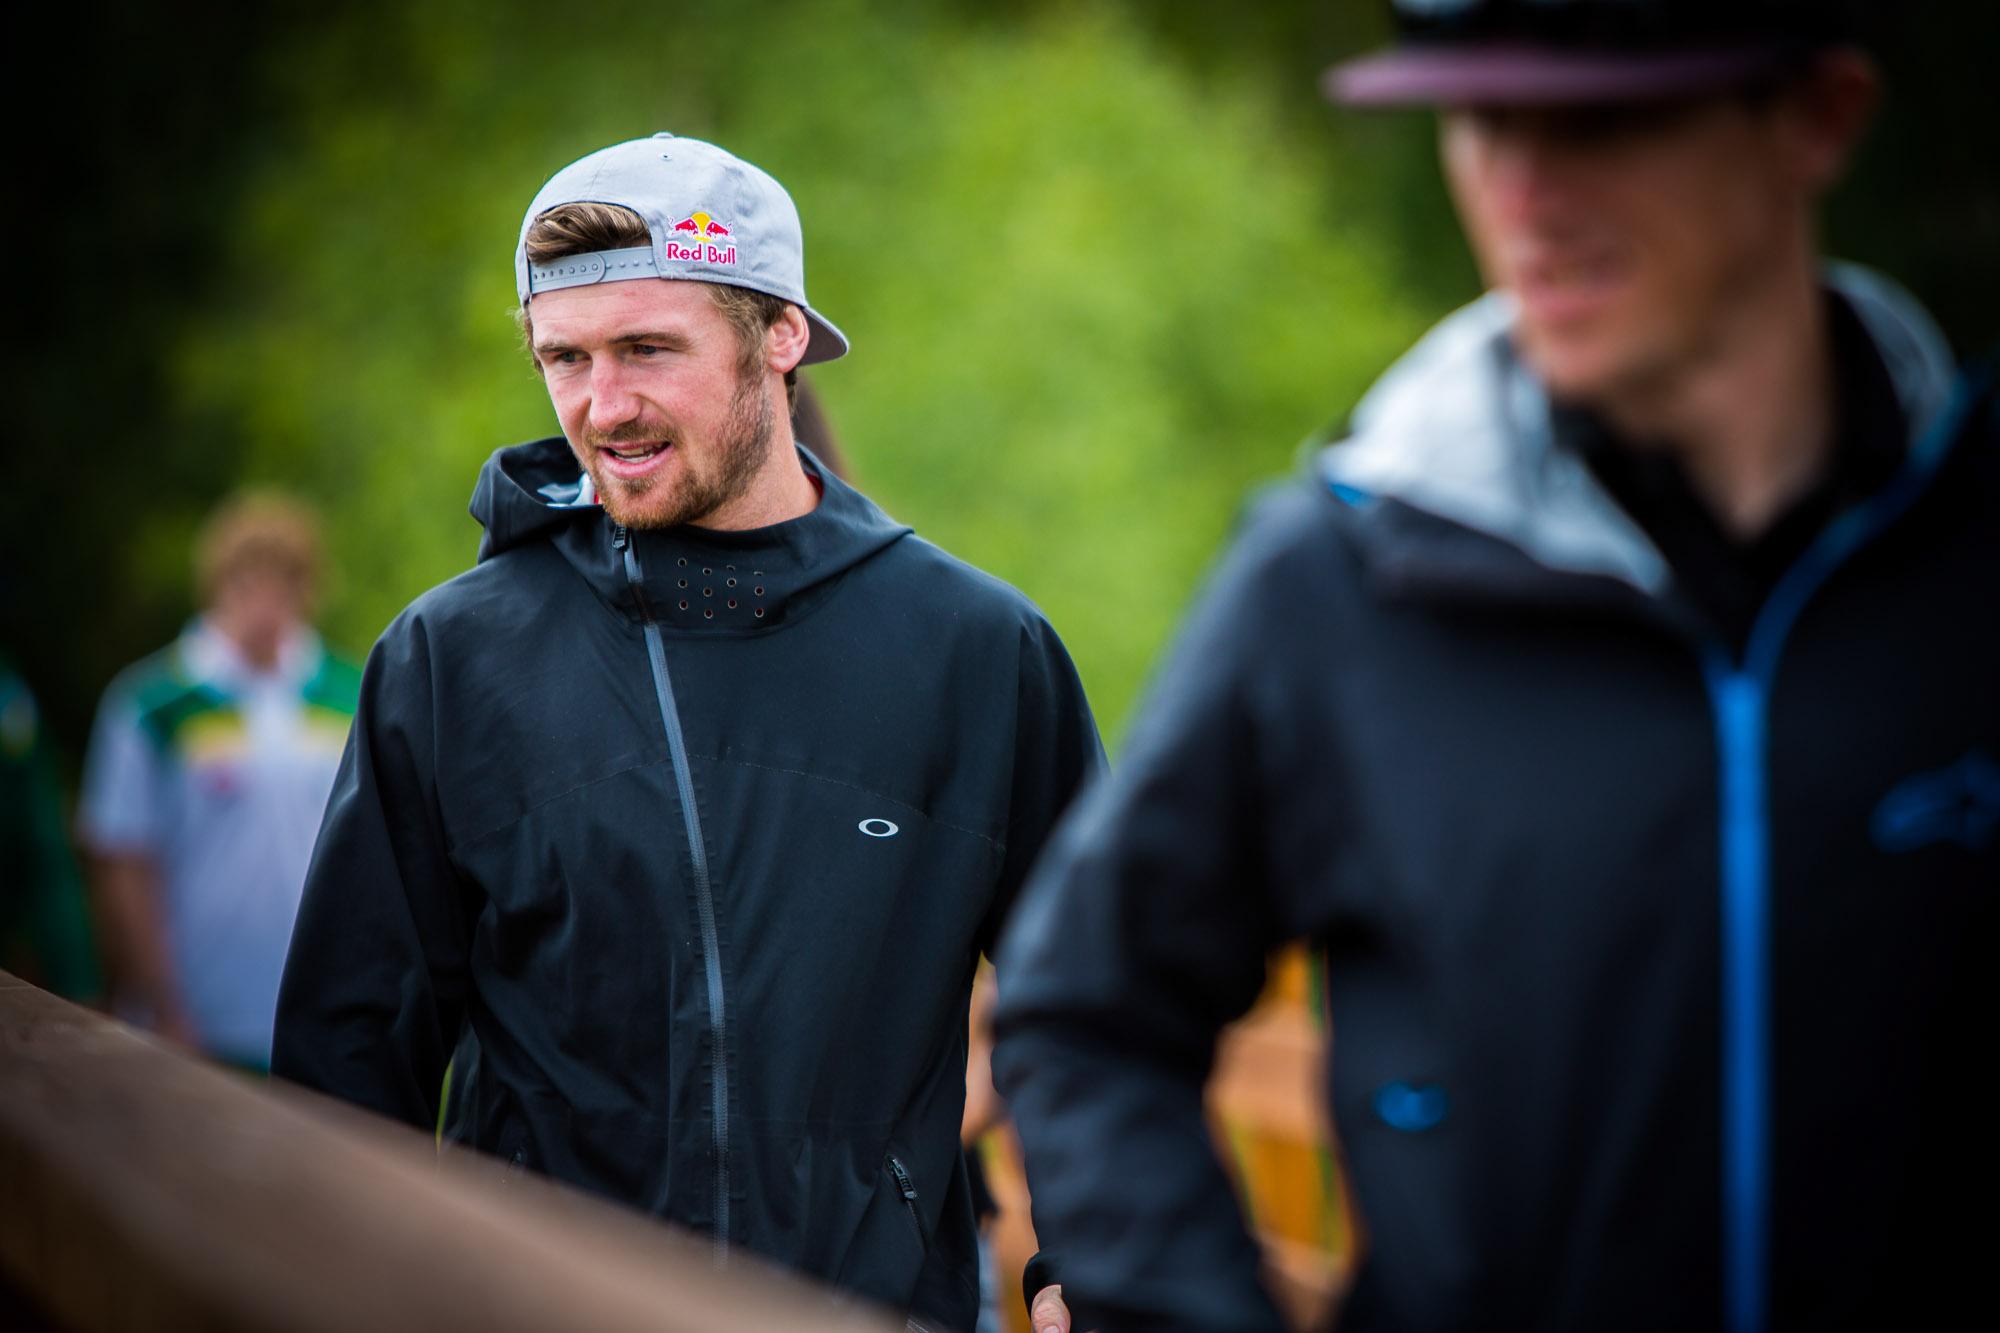 Brook MacDonald hat einen Val di Sole beim letzten World Cup Rennen einen sagenhaften Run hingelegt. Könnte er eventuell der Kandidat für den Weltmeistertitel sein?